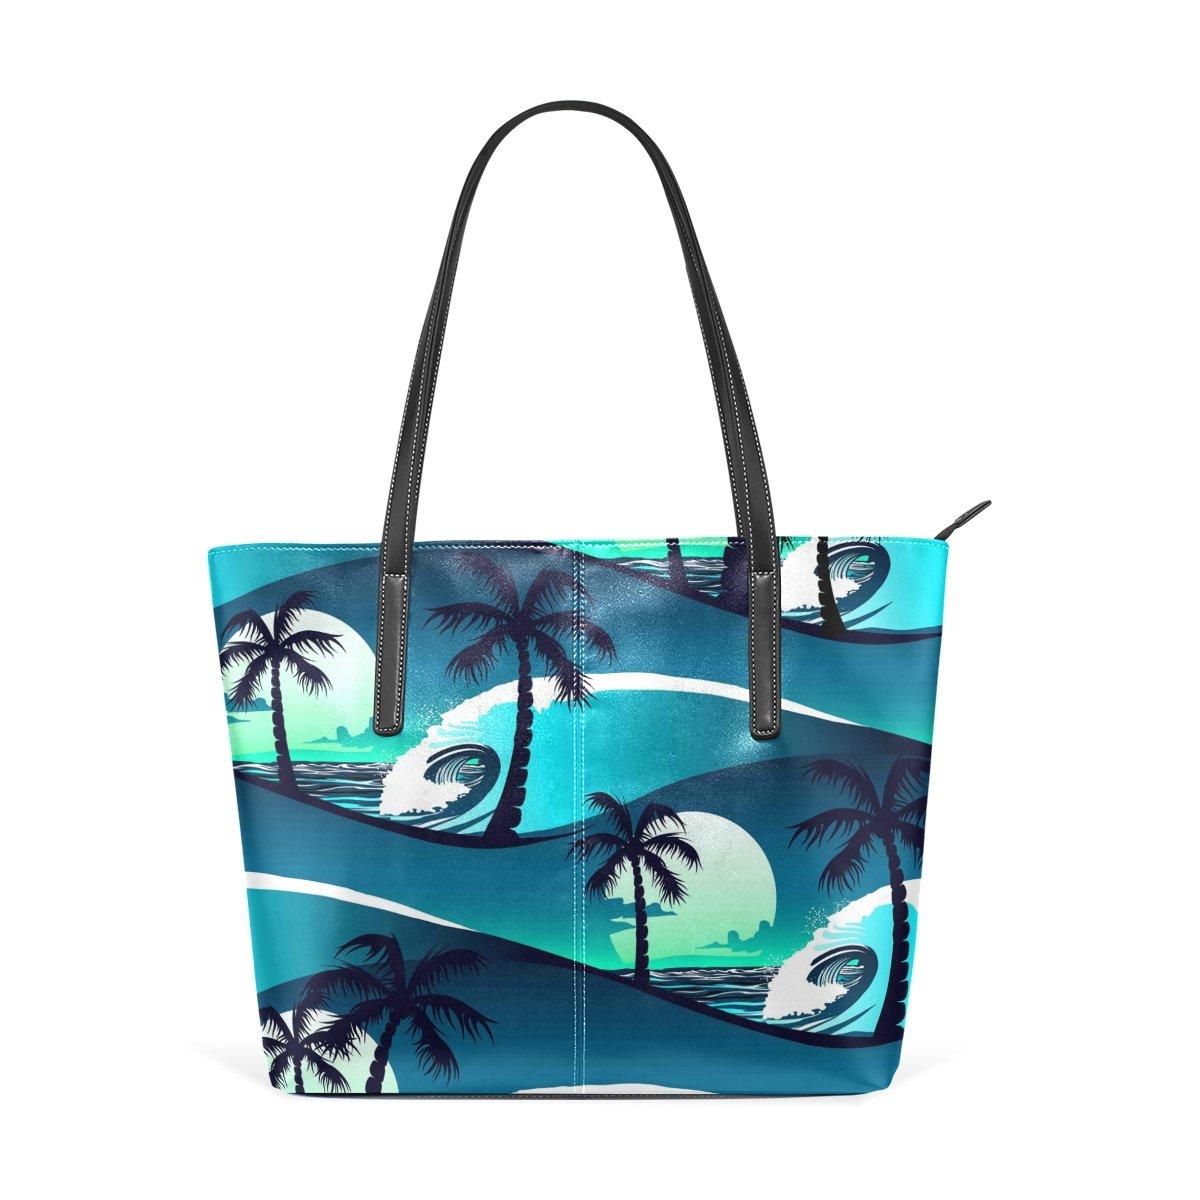 f386337a1bf4 Fashion Blue Palm Trees Purse Women's Waterproof Handbags Ladies PU ...